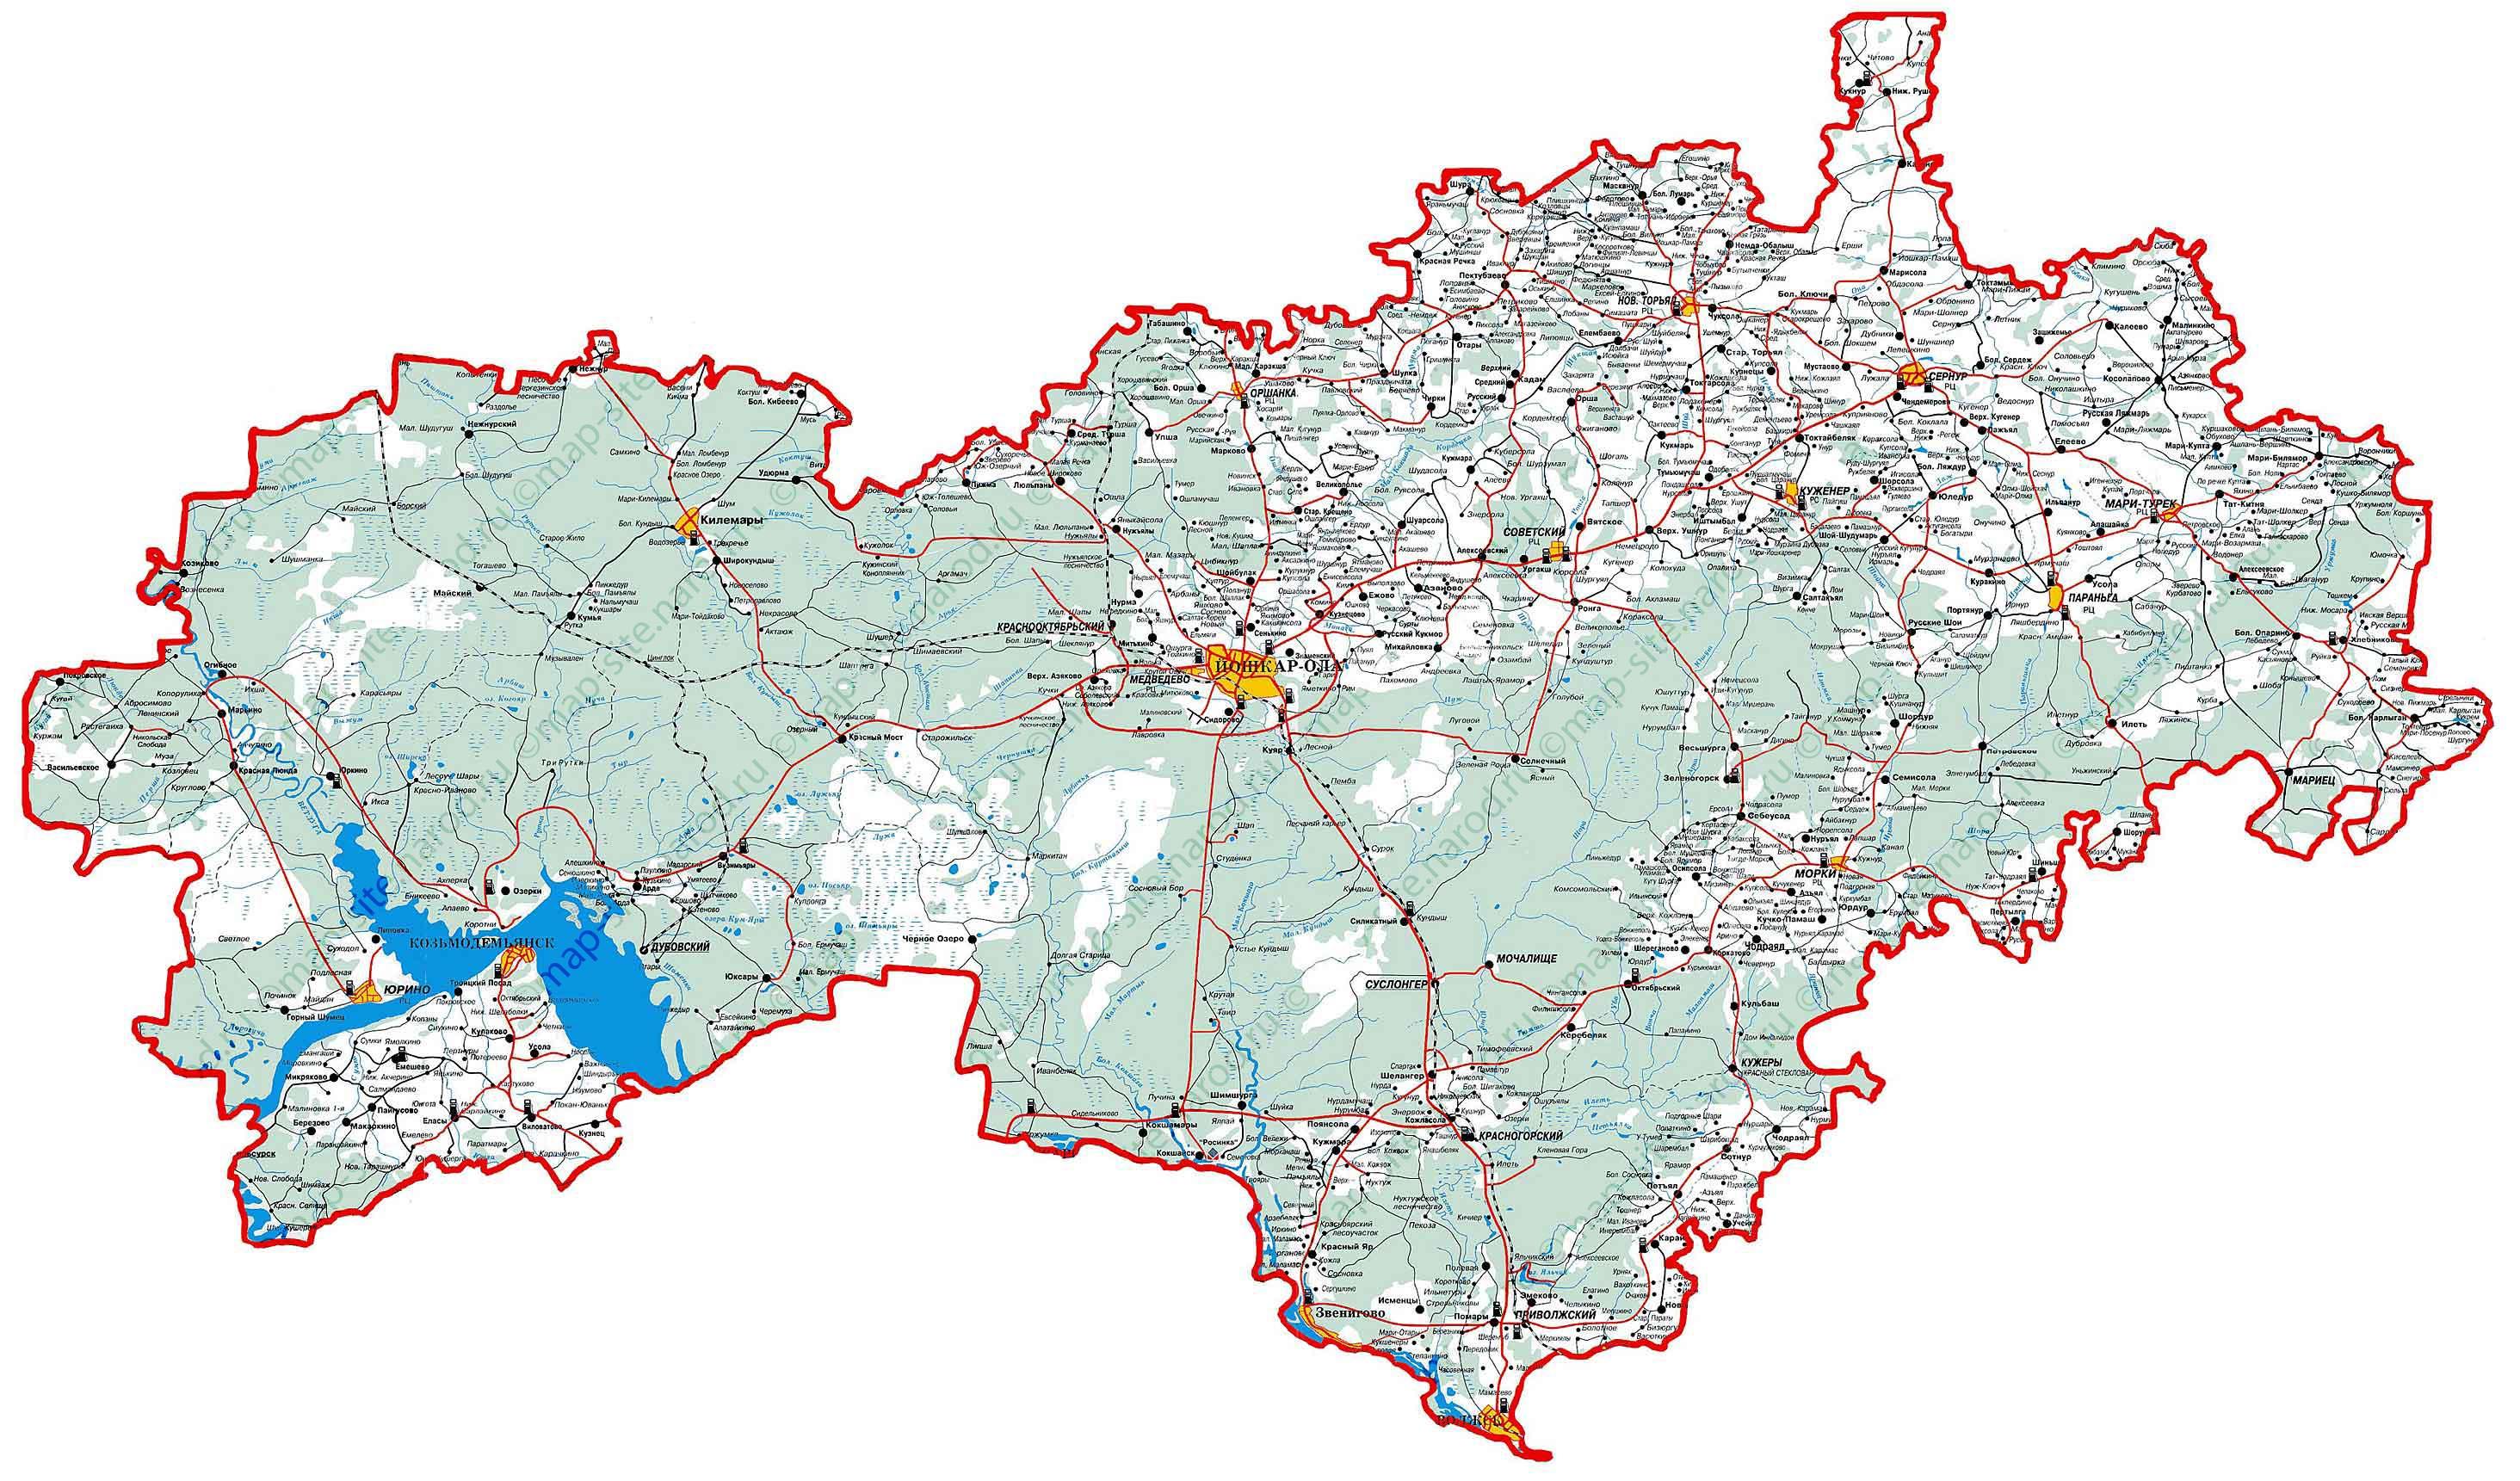 карта ульяновской области подробная с деревнями с дорогами как взять кредит в банке открытие онлайн